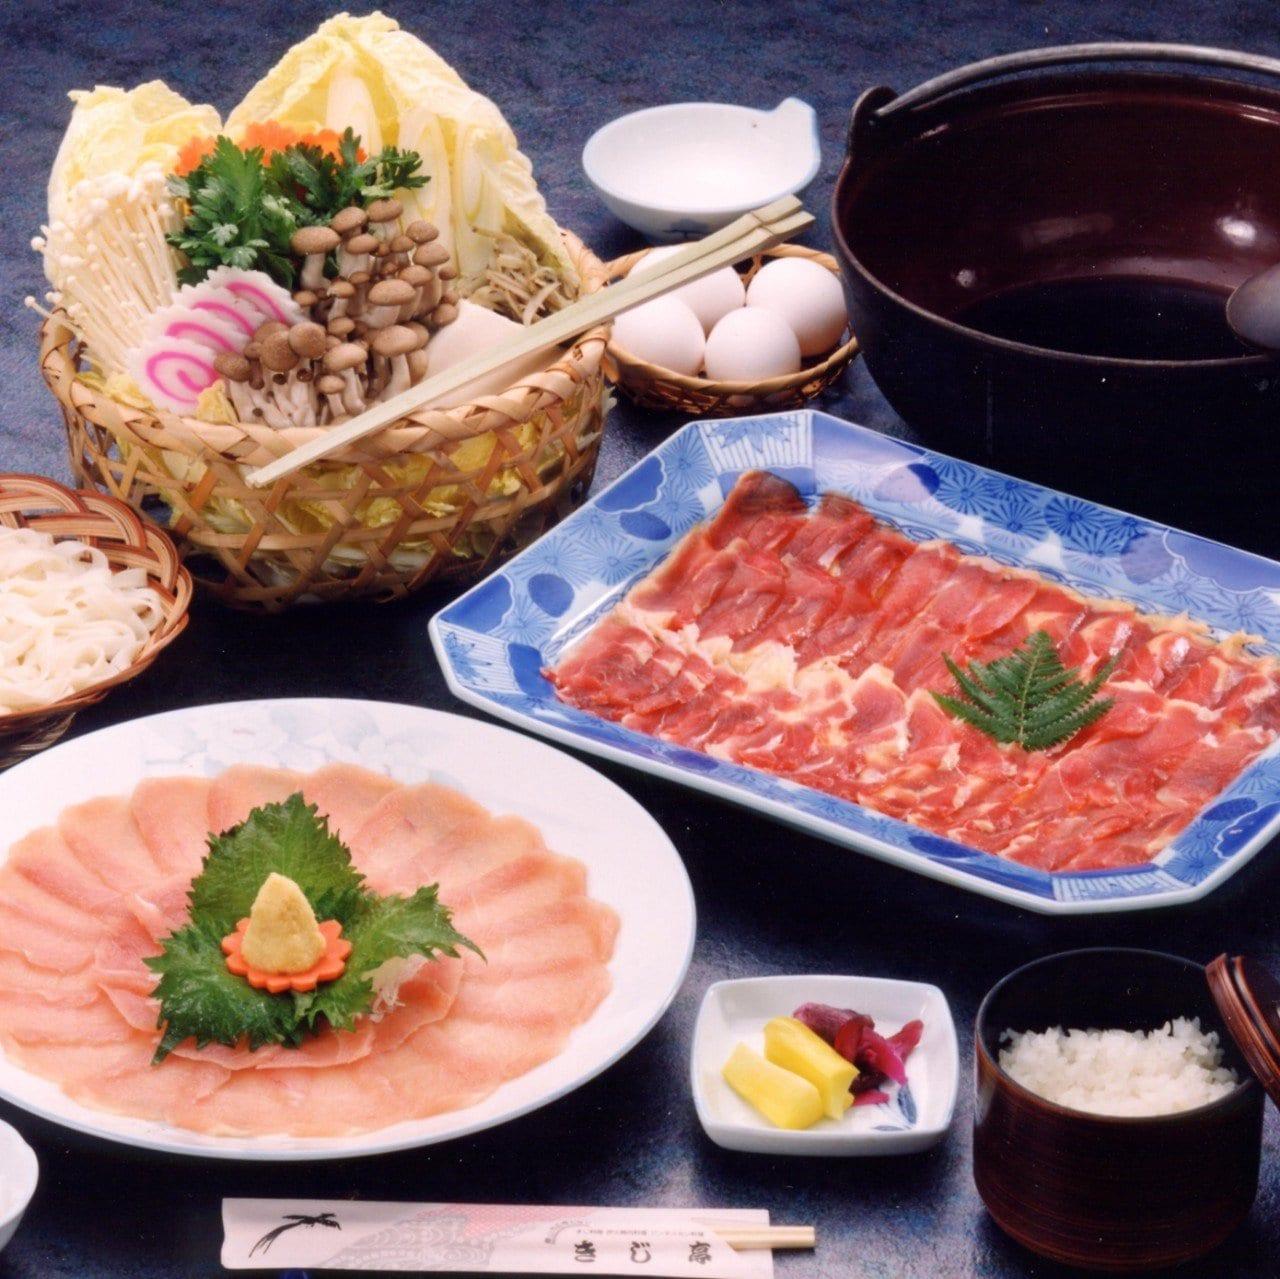 きじ亭(きじてい)/✿奥浜名湖 奥山半僧坊となり。きじ料理!そば!うどん!ジンギスカン!等を提供しています♪/いなさマップ「17」のイメージその4